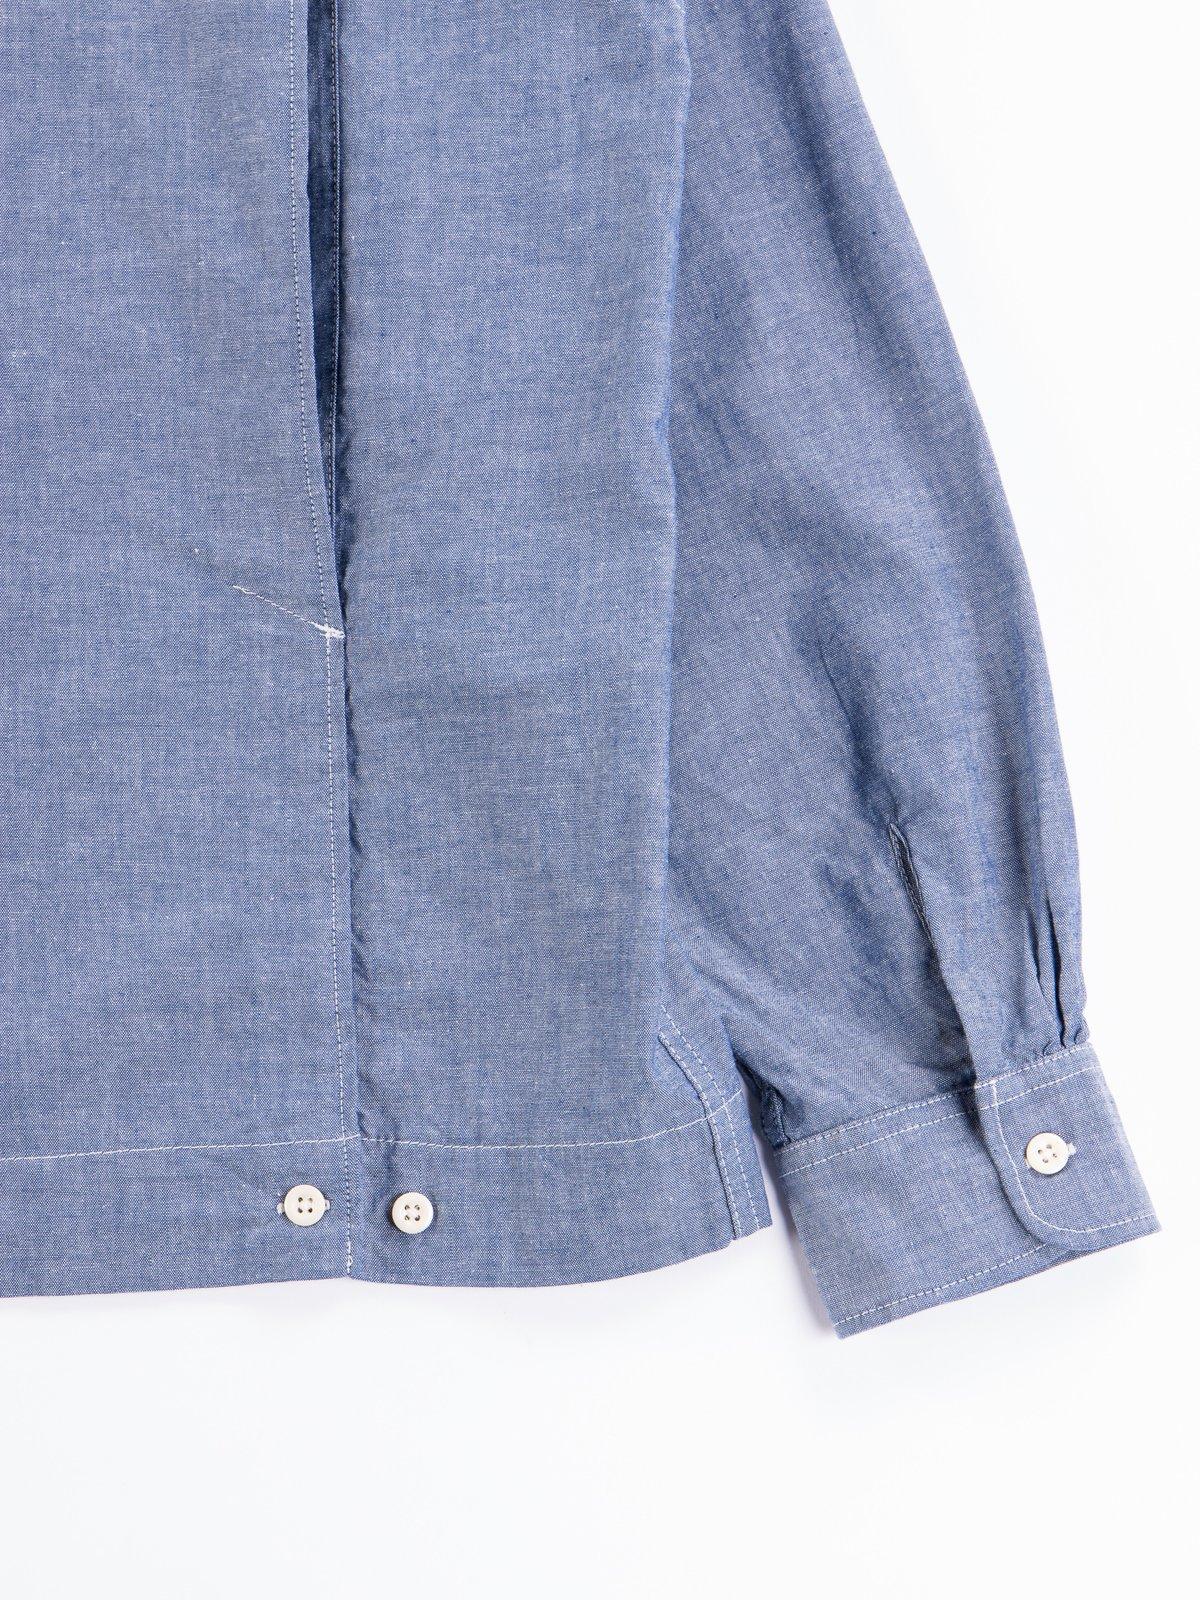 Blue Cotton Chambray Bowling Shirt - Image 7